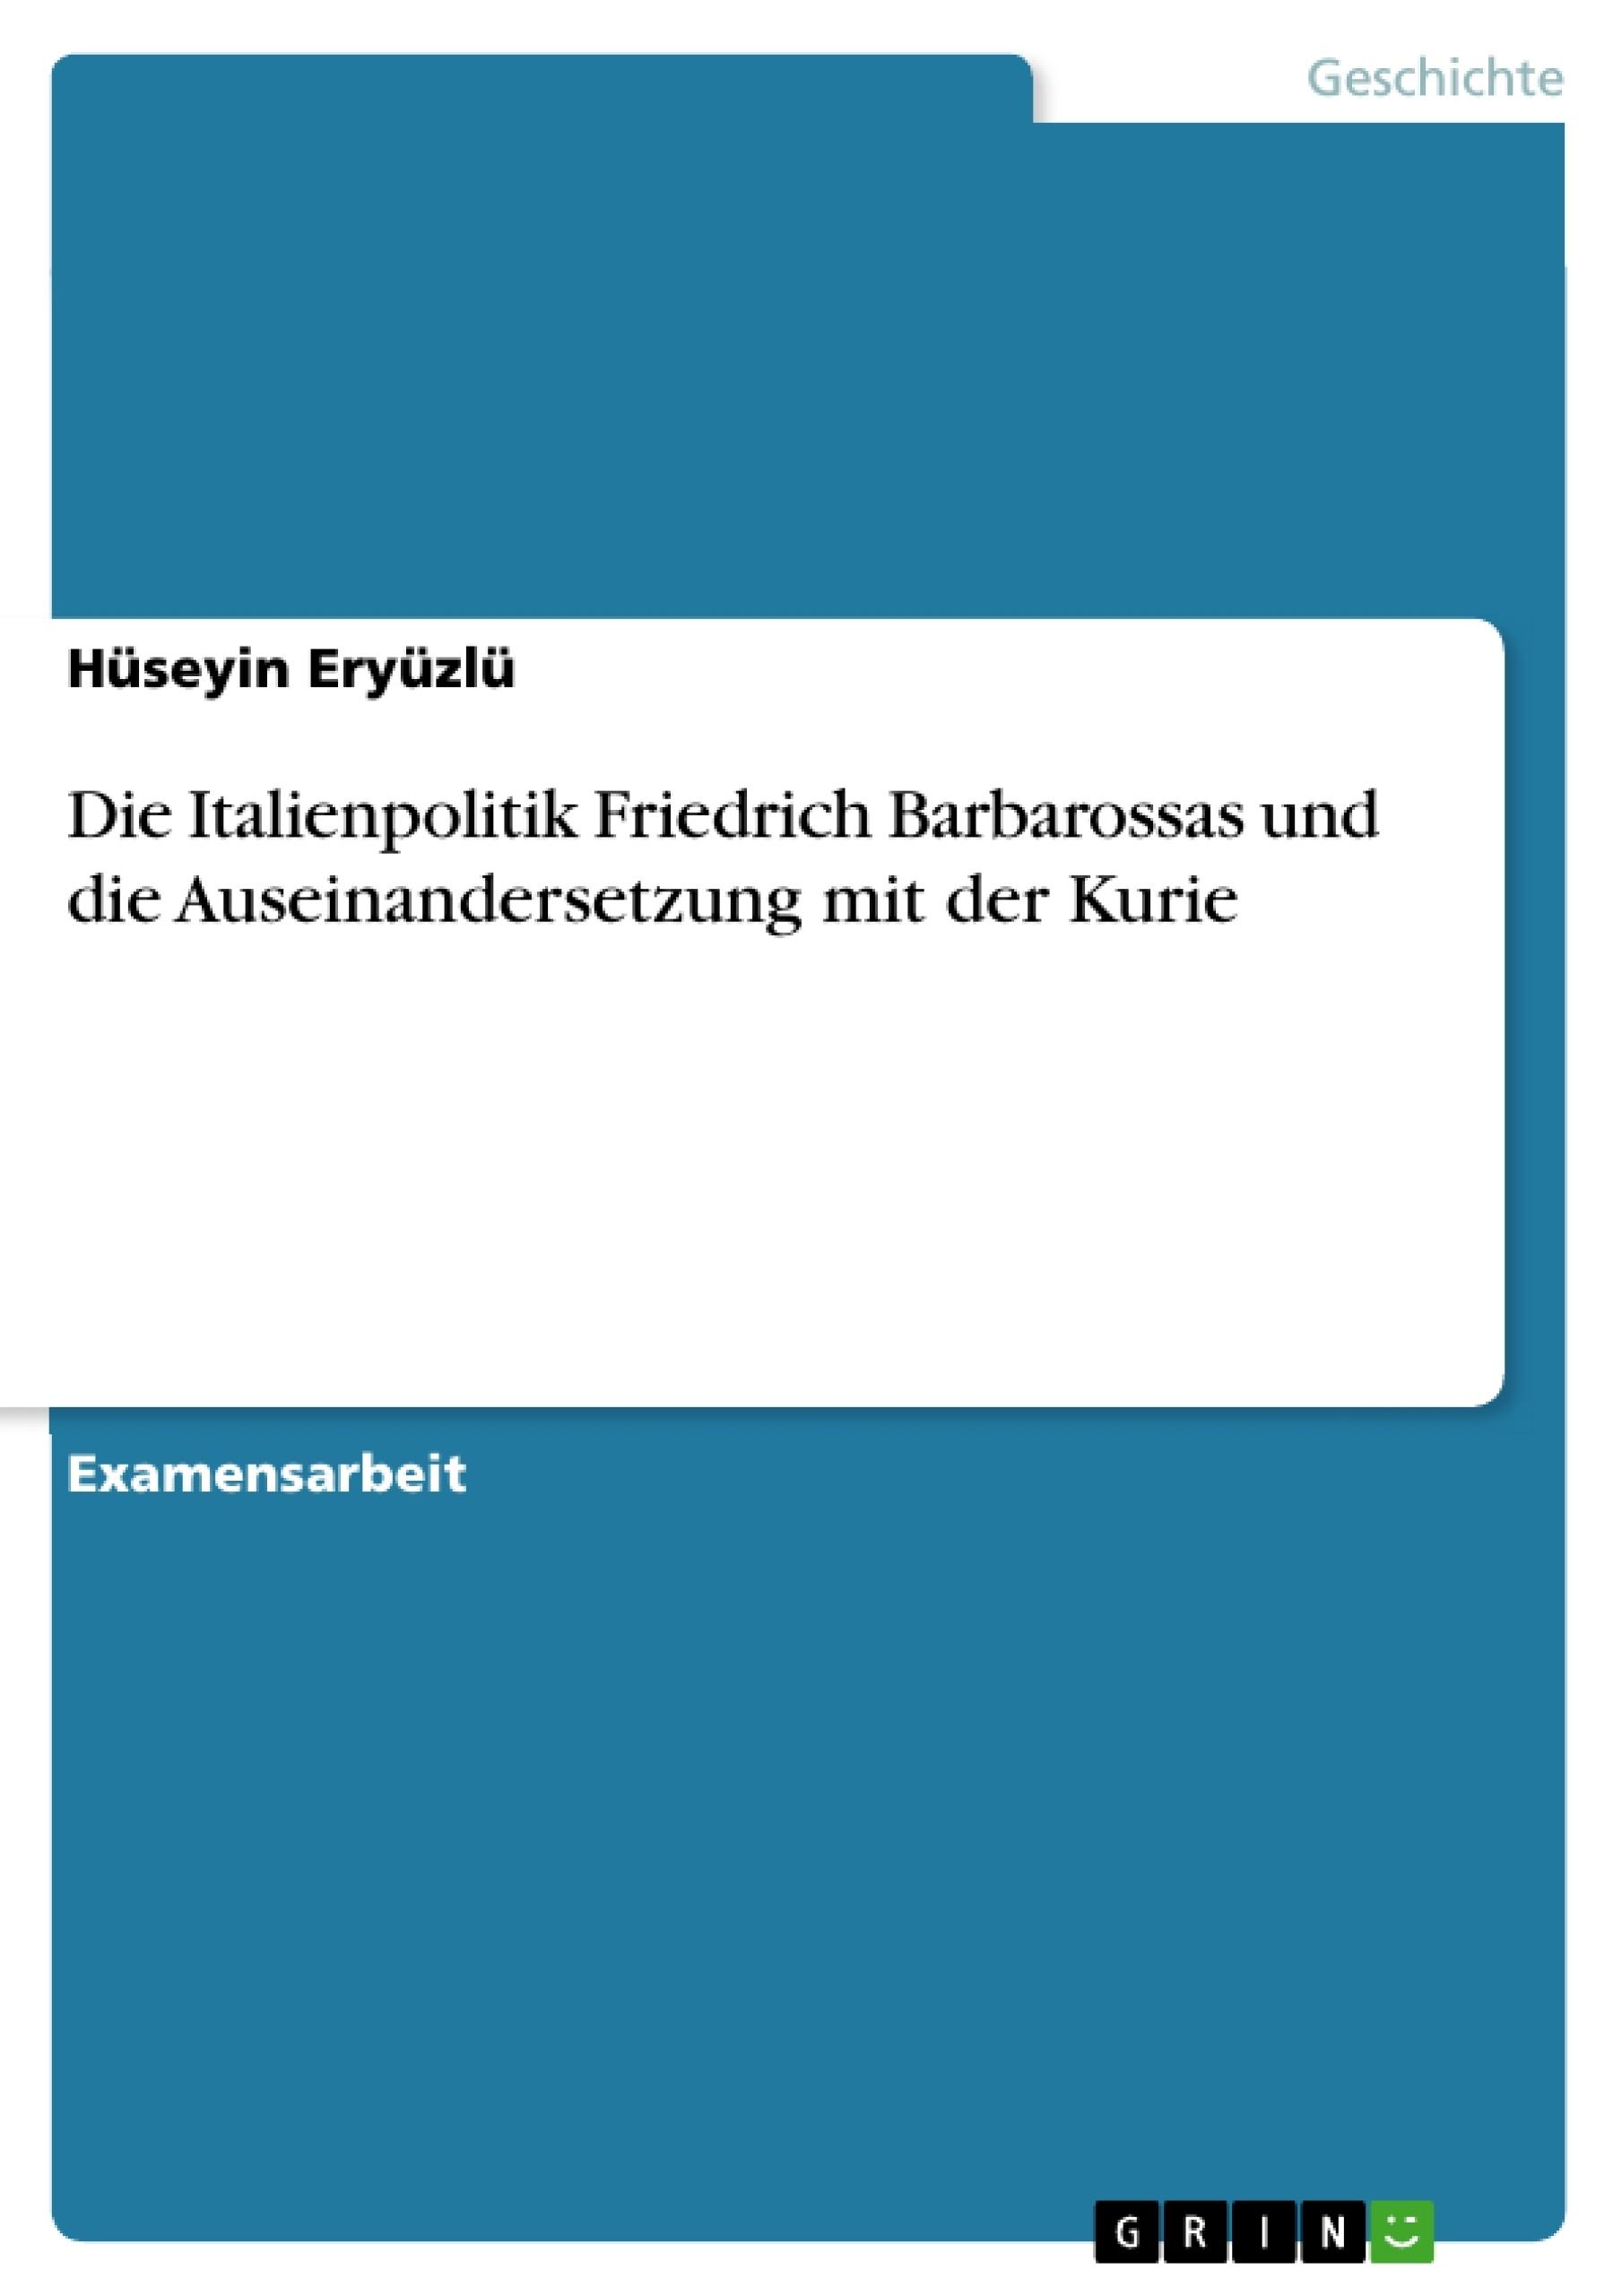 Titel: Die Italienpolitik Friedrich Barbarossas und die Auseinandersetzung mit der Kurie